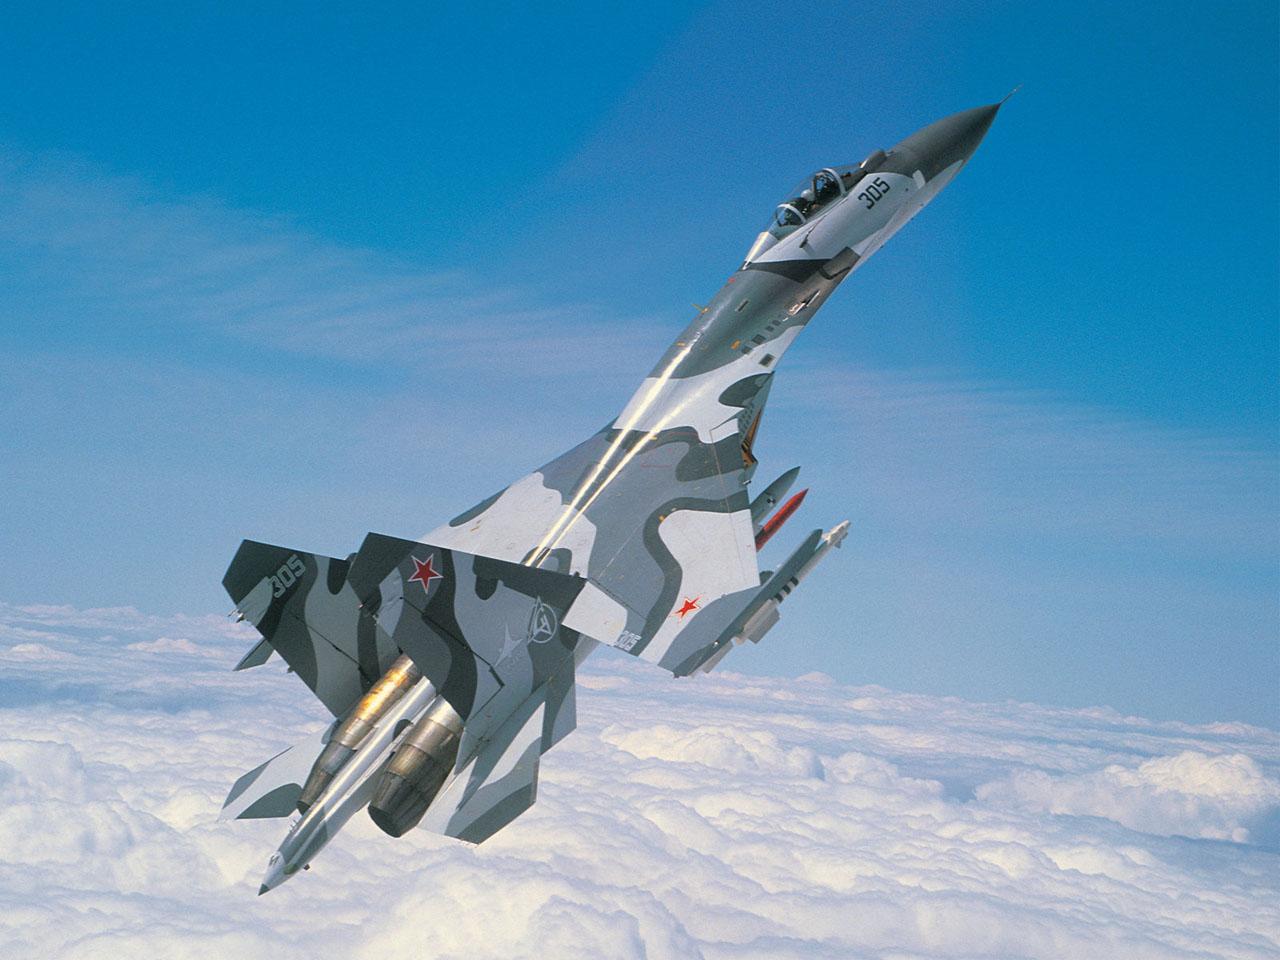 Обои истребитель, бомбардировка, будущего. Авиация foto 11